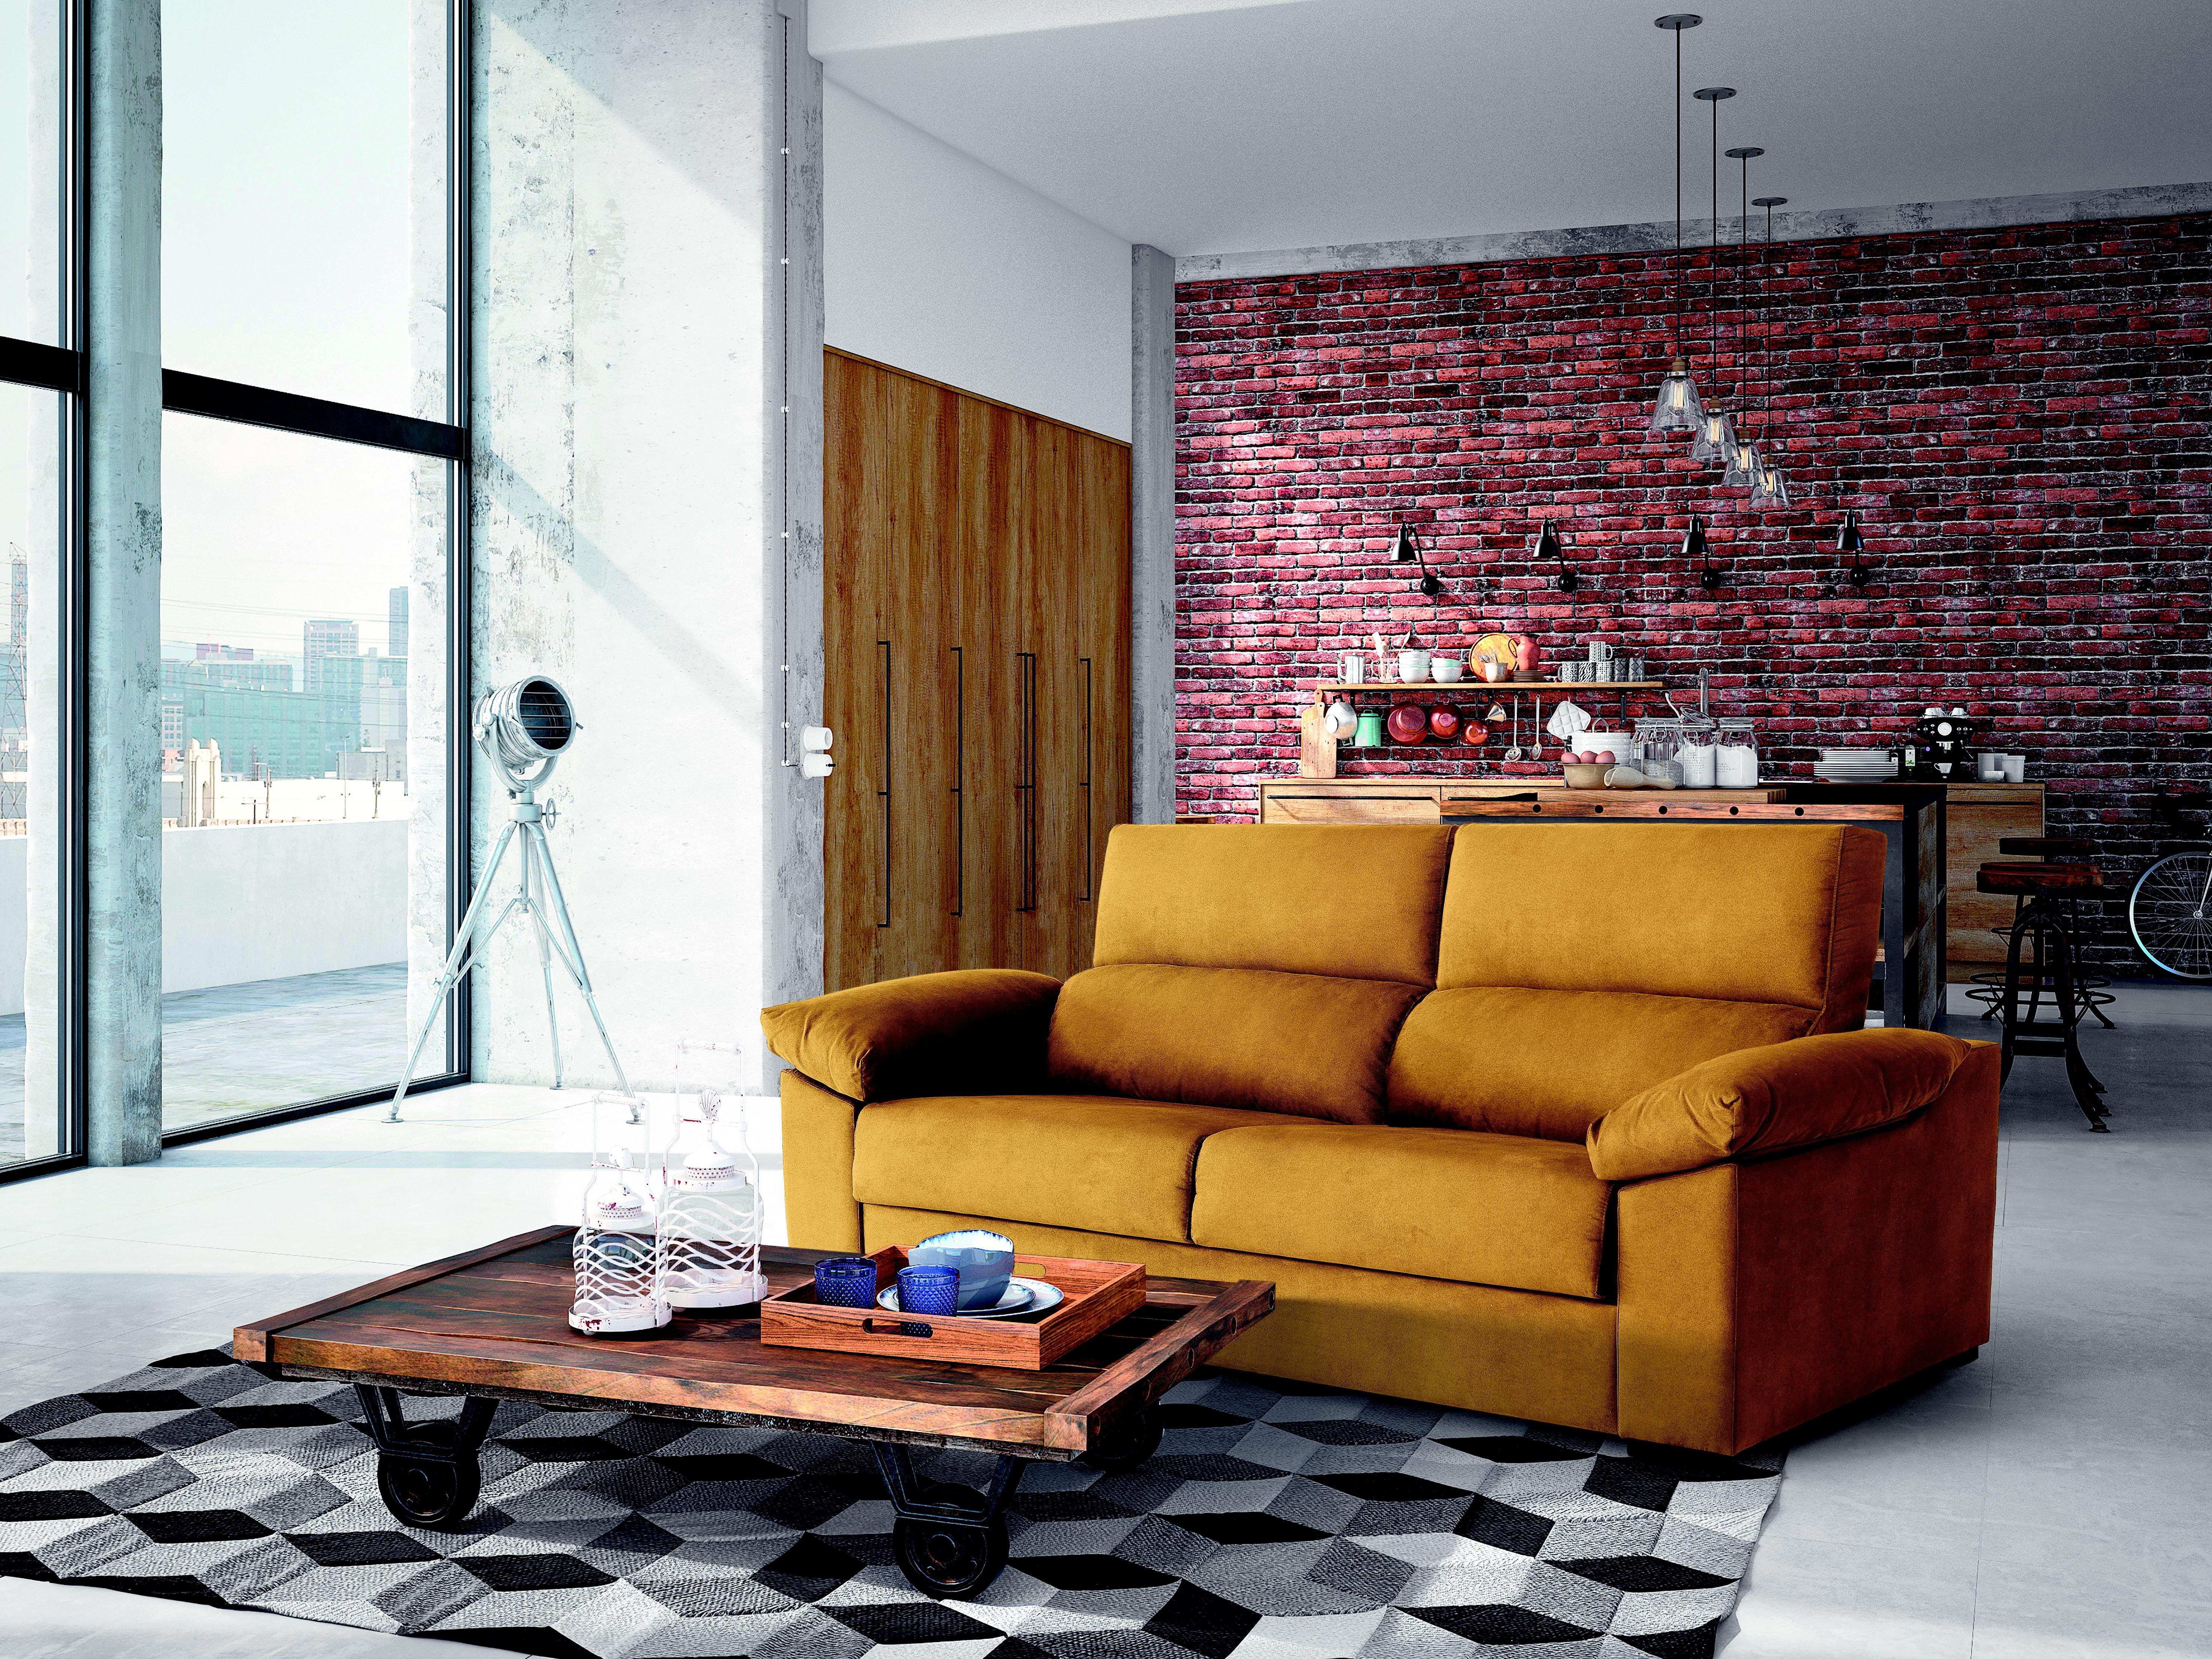 Sofas en muebles rey 47697 muebles ideas - Muebles rey zaragoza ...